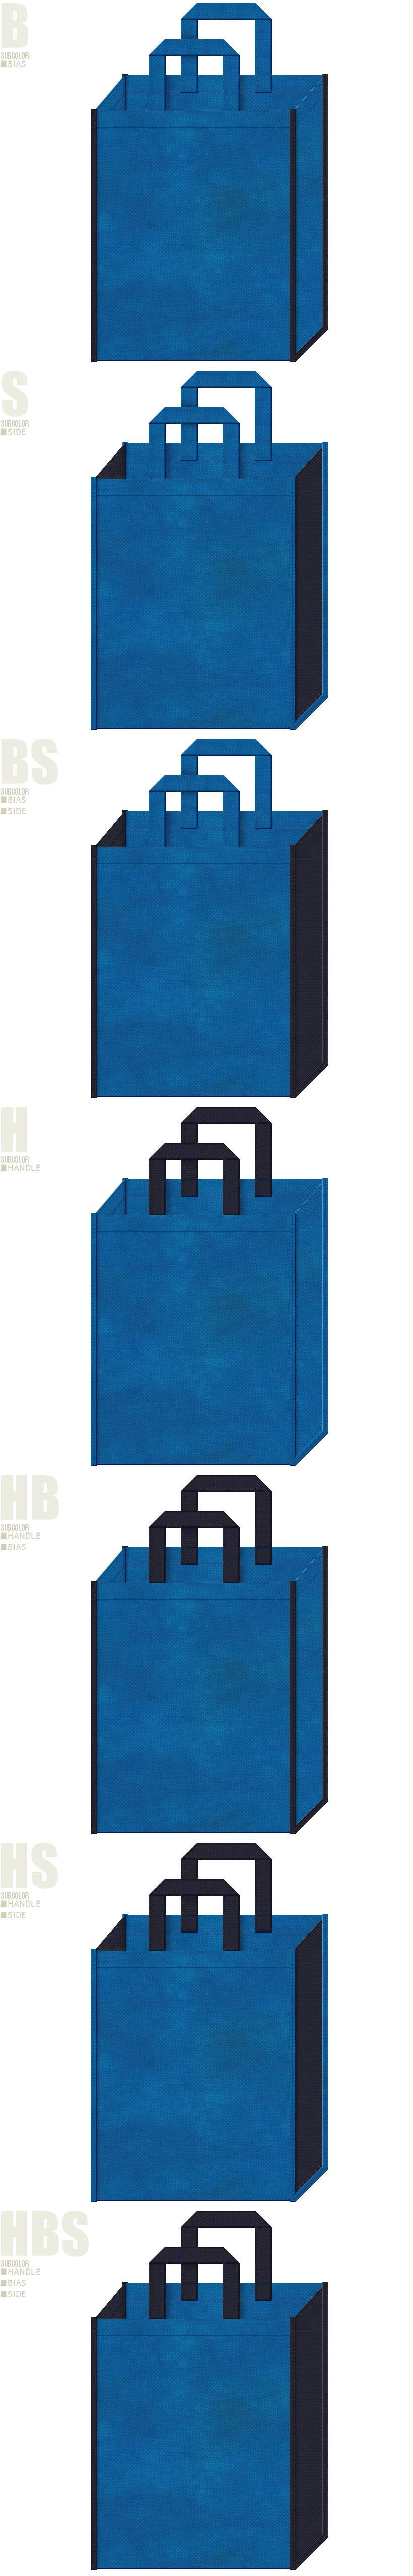 海底・剣・光線・アリーナ・対戦型格闘ゲームの展示会用バッグにお奨めの不織布バッグデザイン:青色と濃紺色の配色7パターン